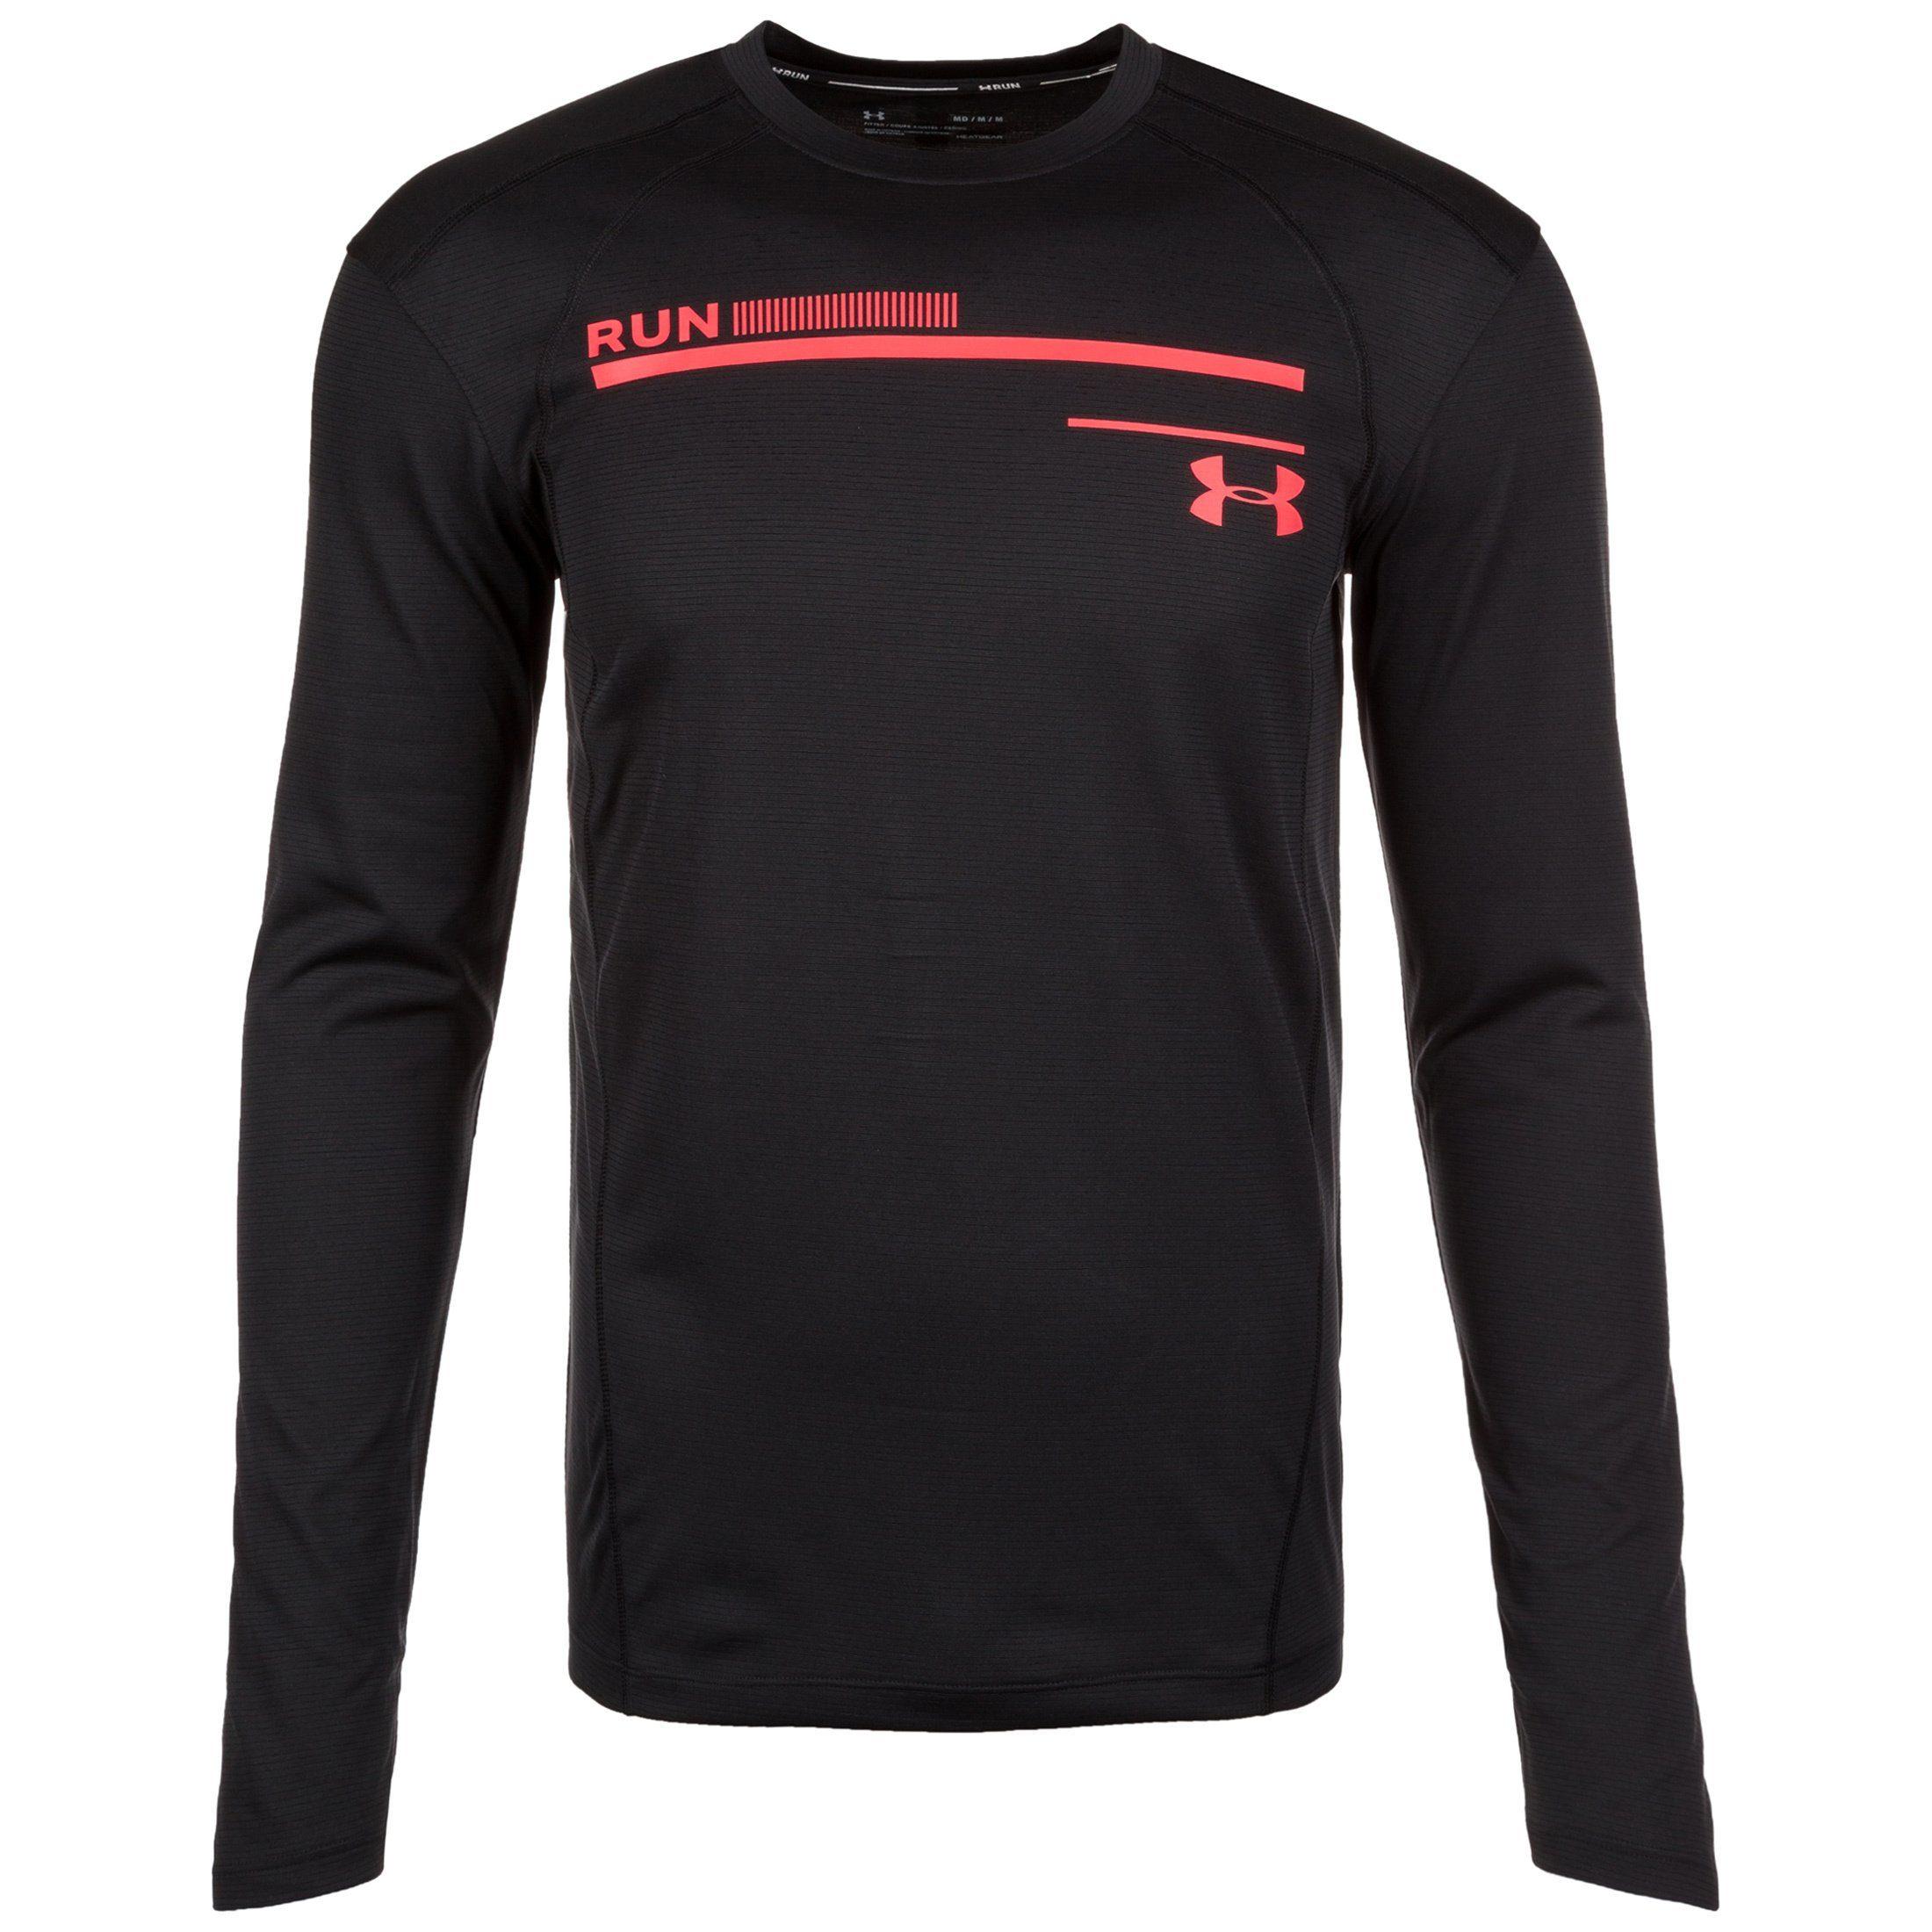 Under Armour® Laufshirt »Coldgear Simple Run« | Sportbekleidung > Sportshirts > Laufshirts | Schwarz | UNDER ARMOUR®